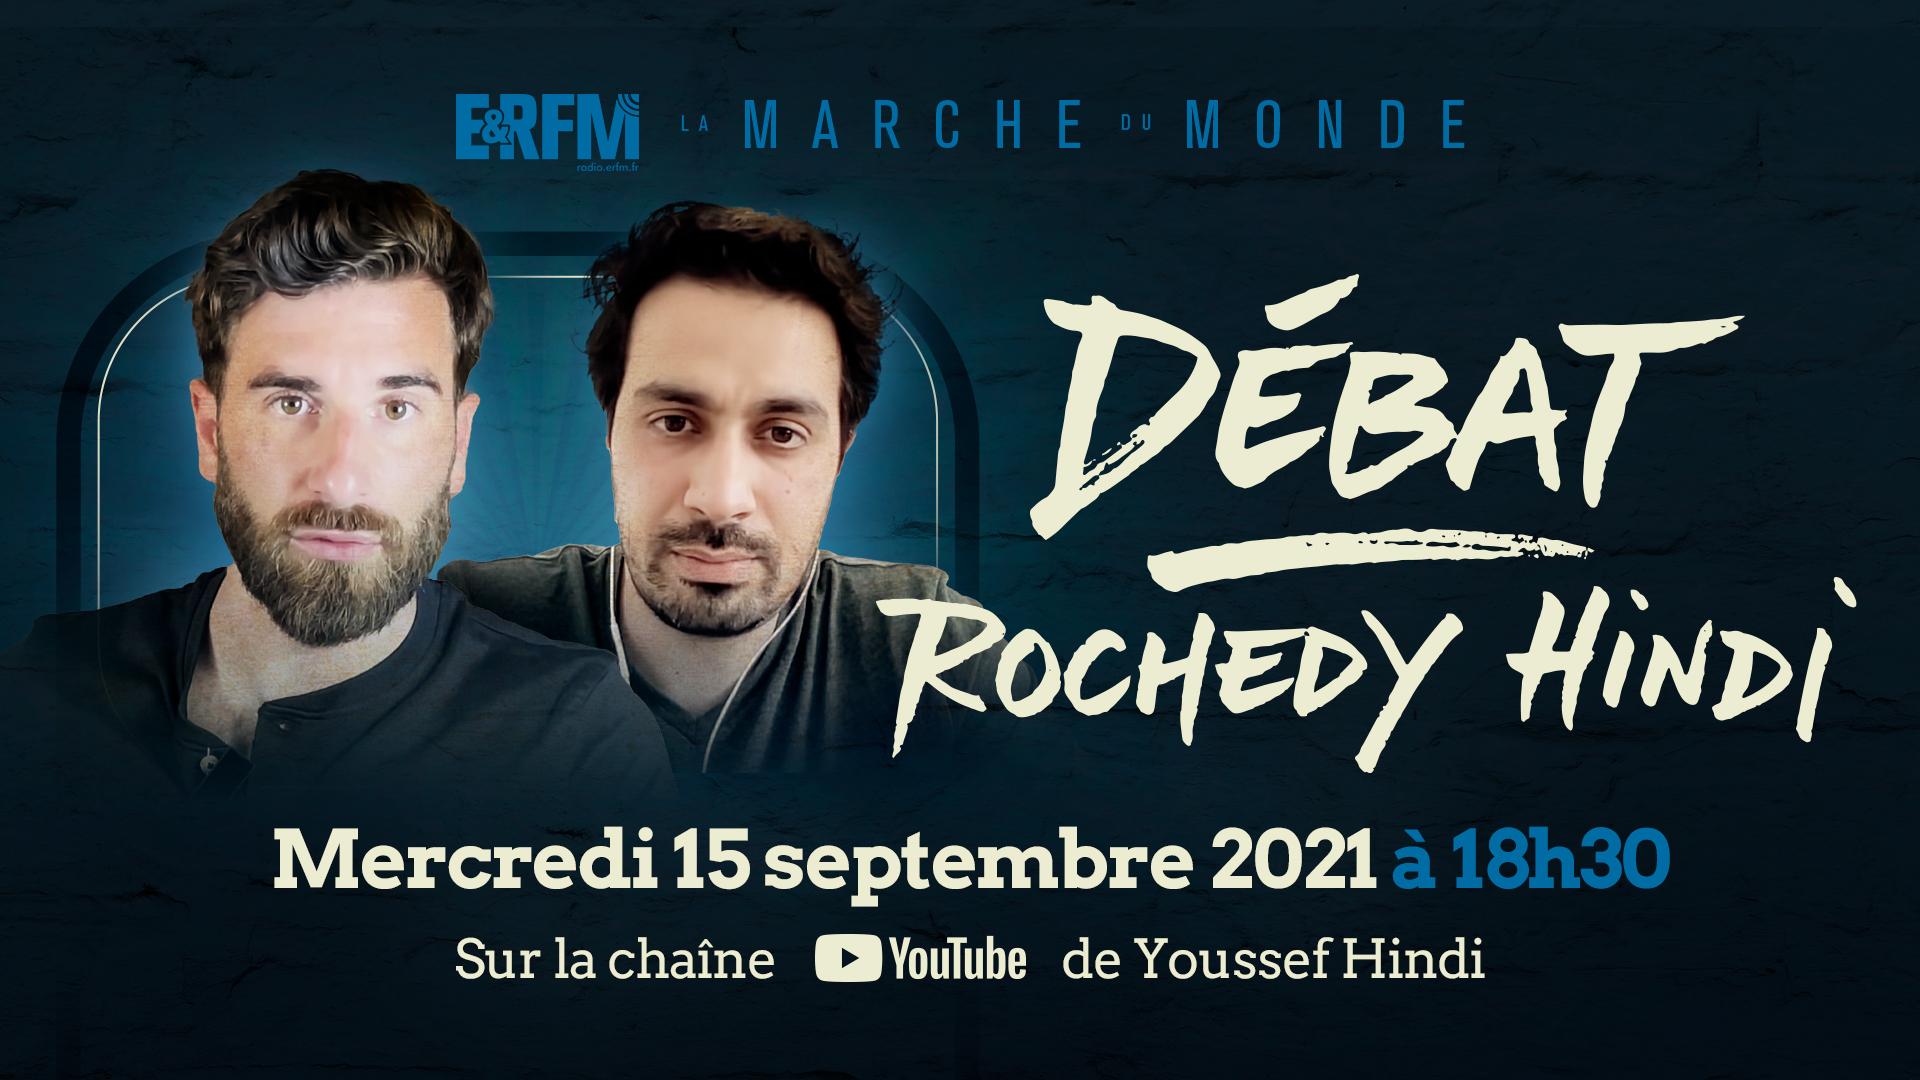 Youssef Hindi et Julien Rochedy débattront mercredi sur ERFM